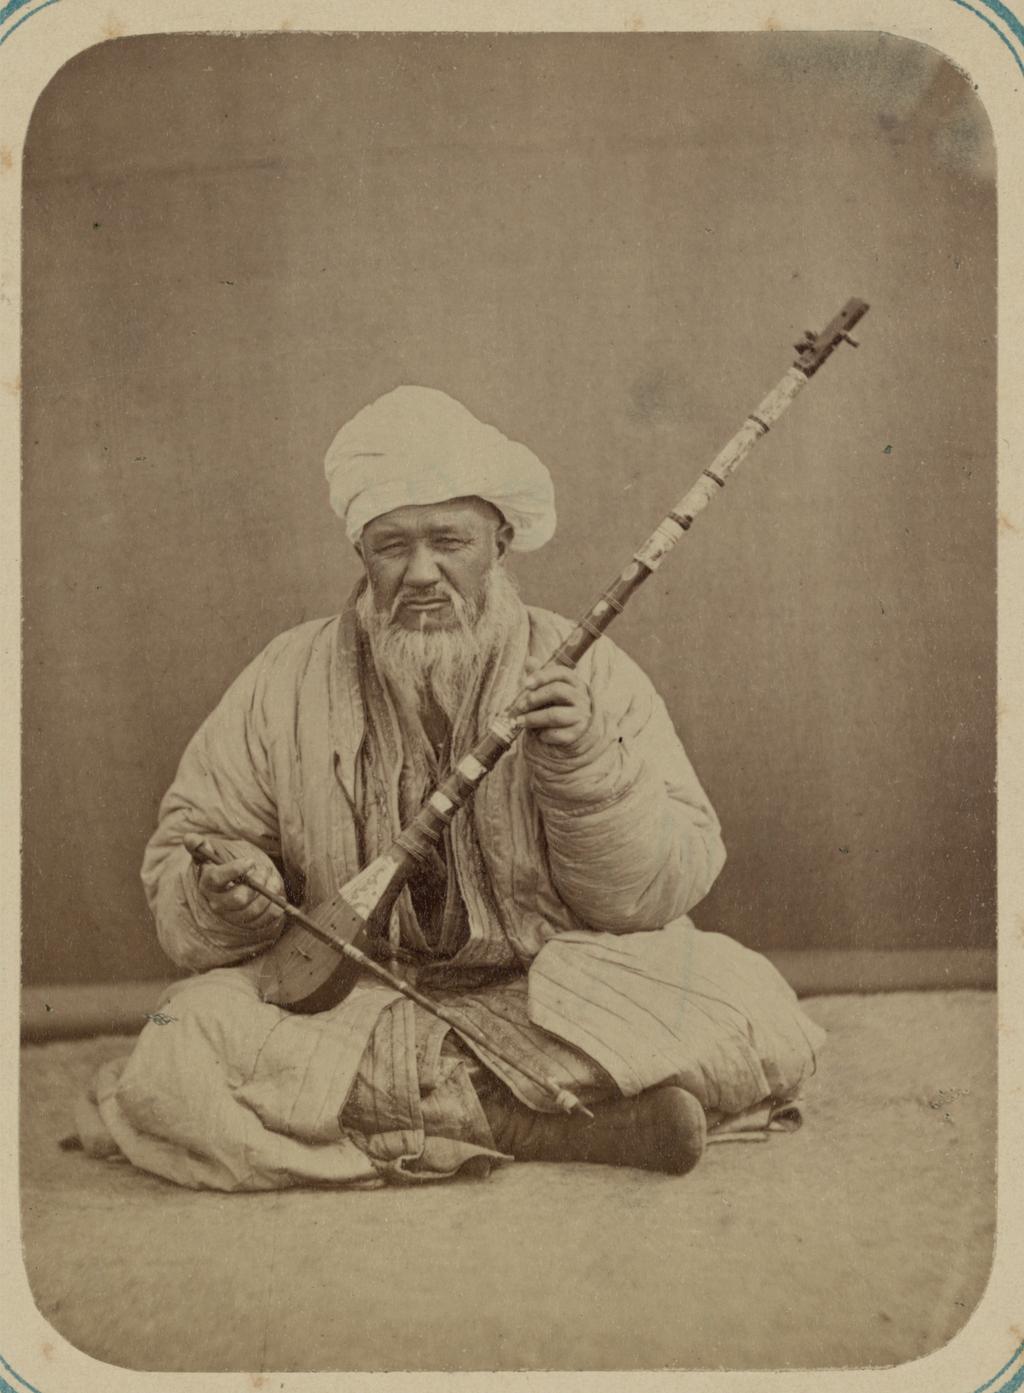 Музыканты. Мужчина за игрой на каманче, струнном инструменте с длинным грифом